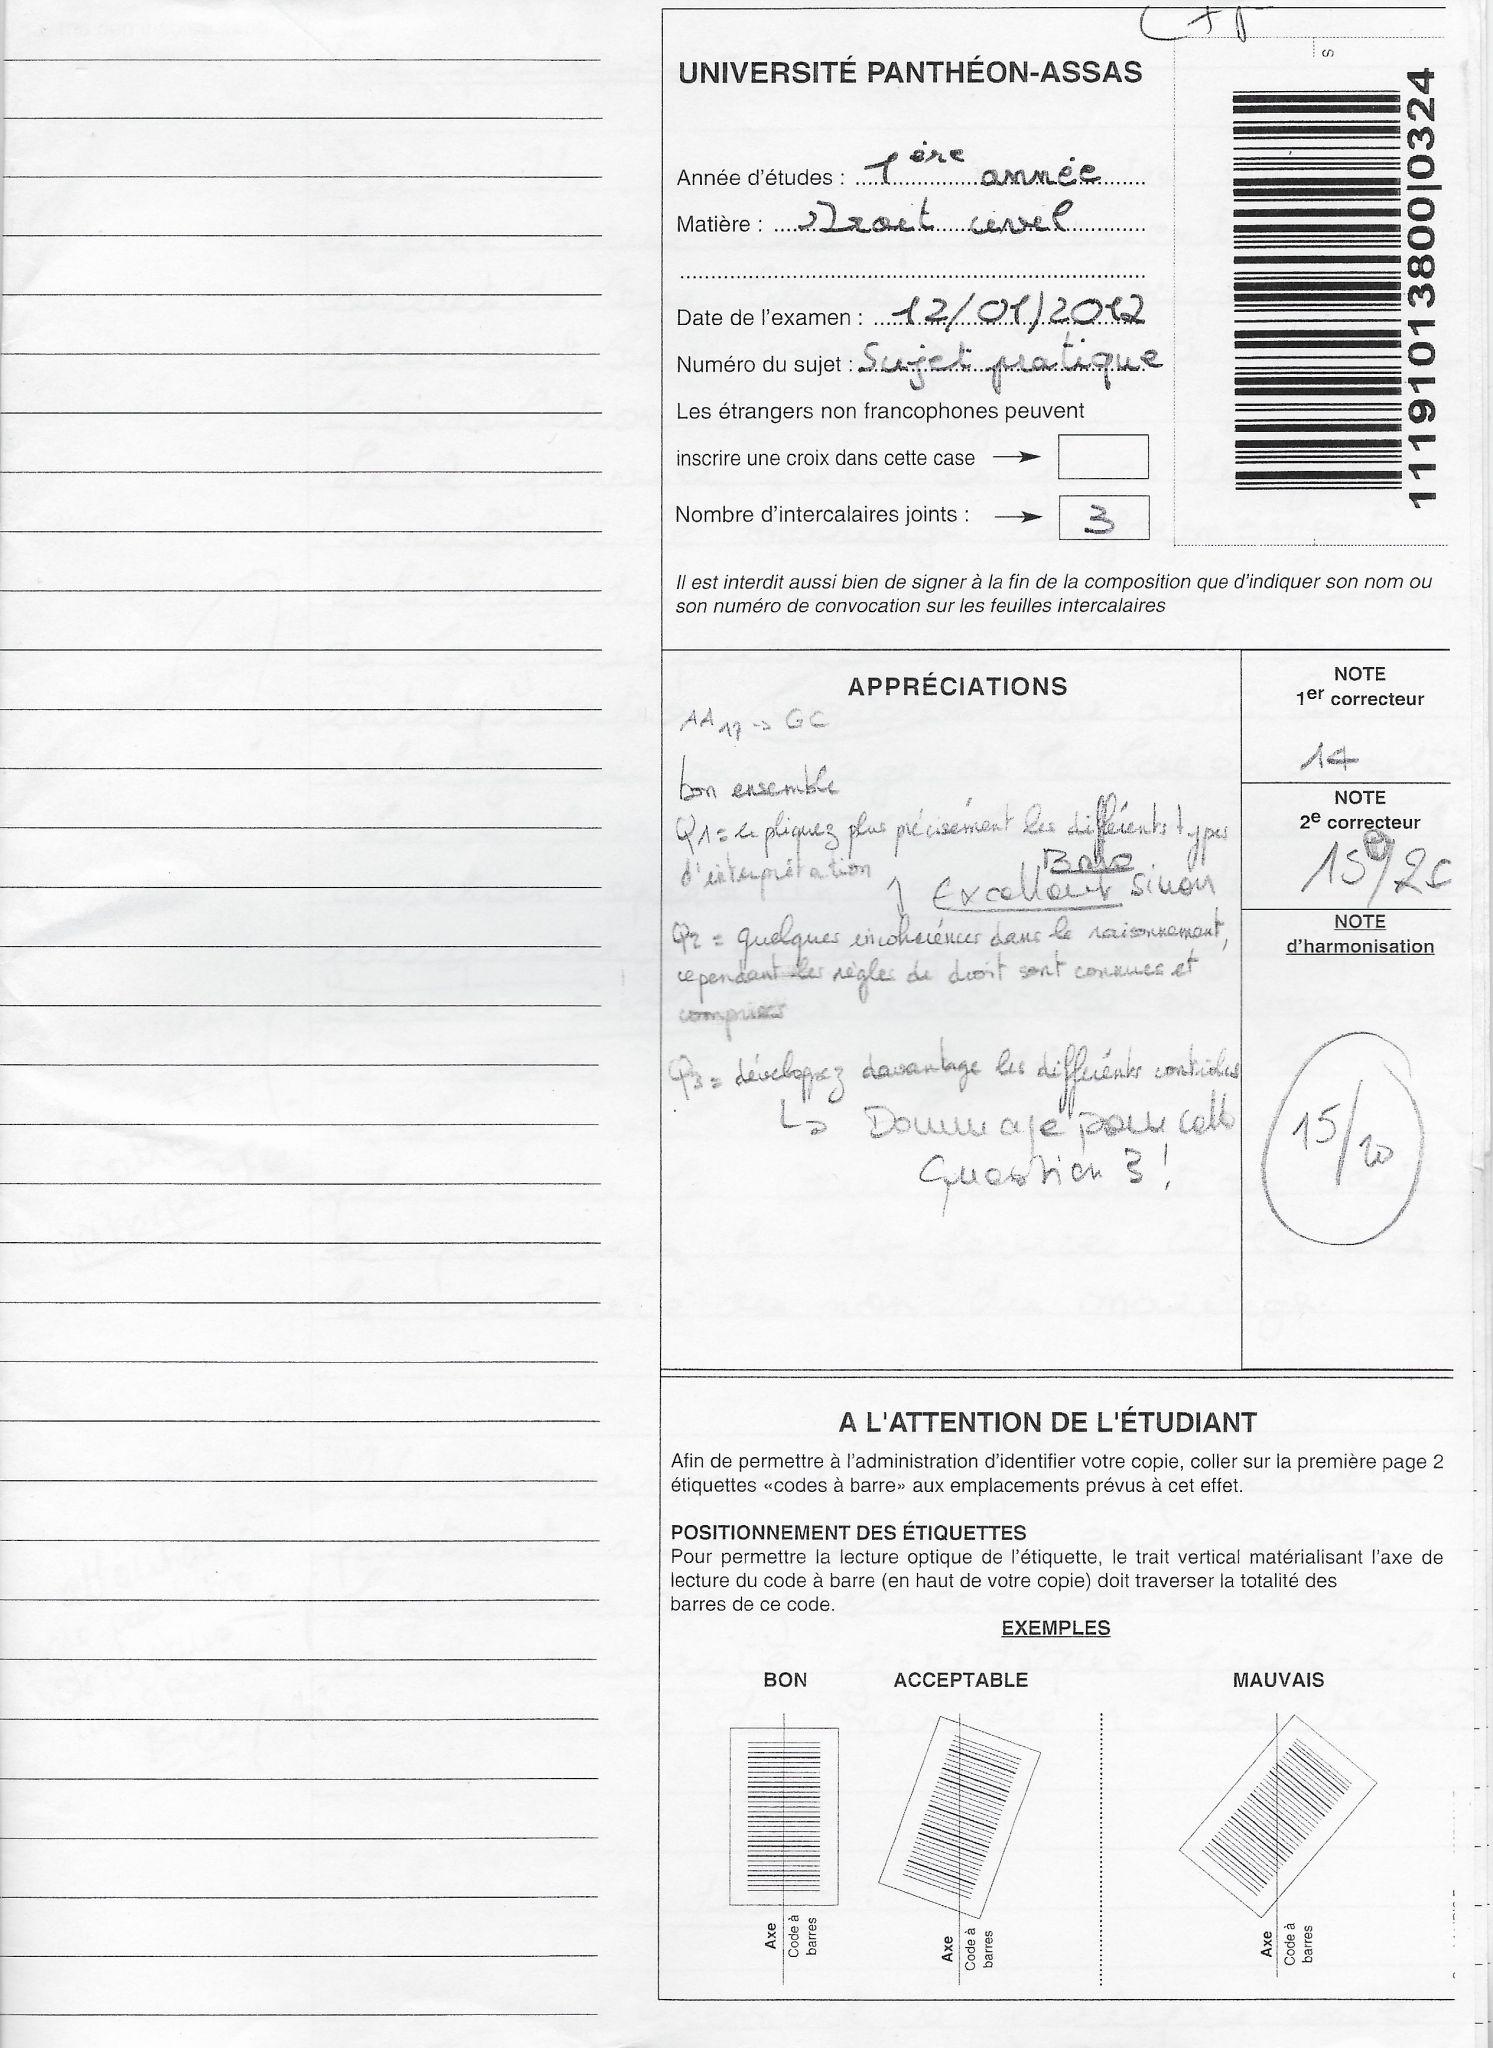 Copie droit civil 17 sur 20 aideauxtd.com